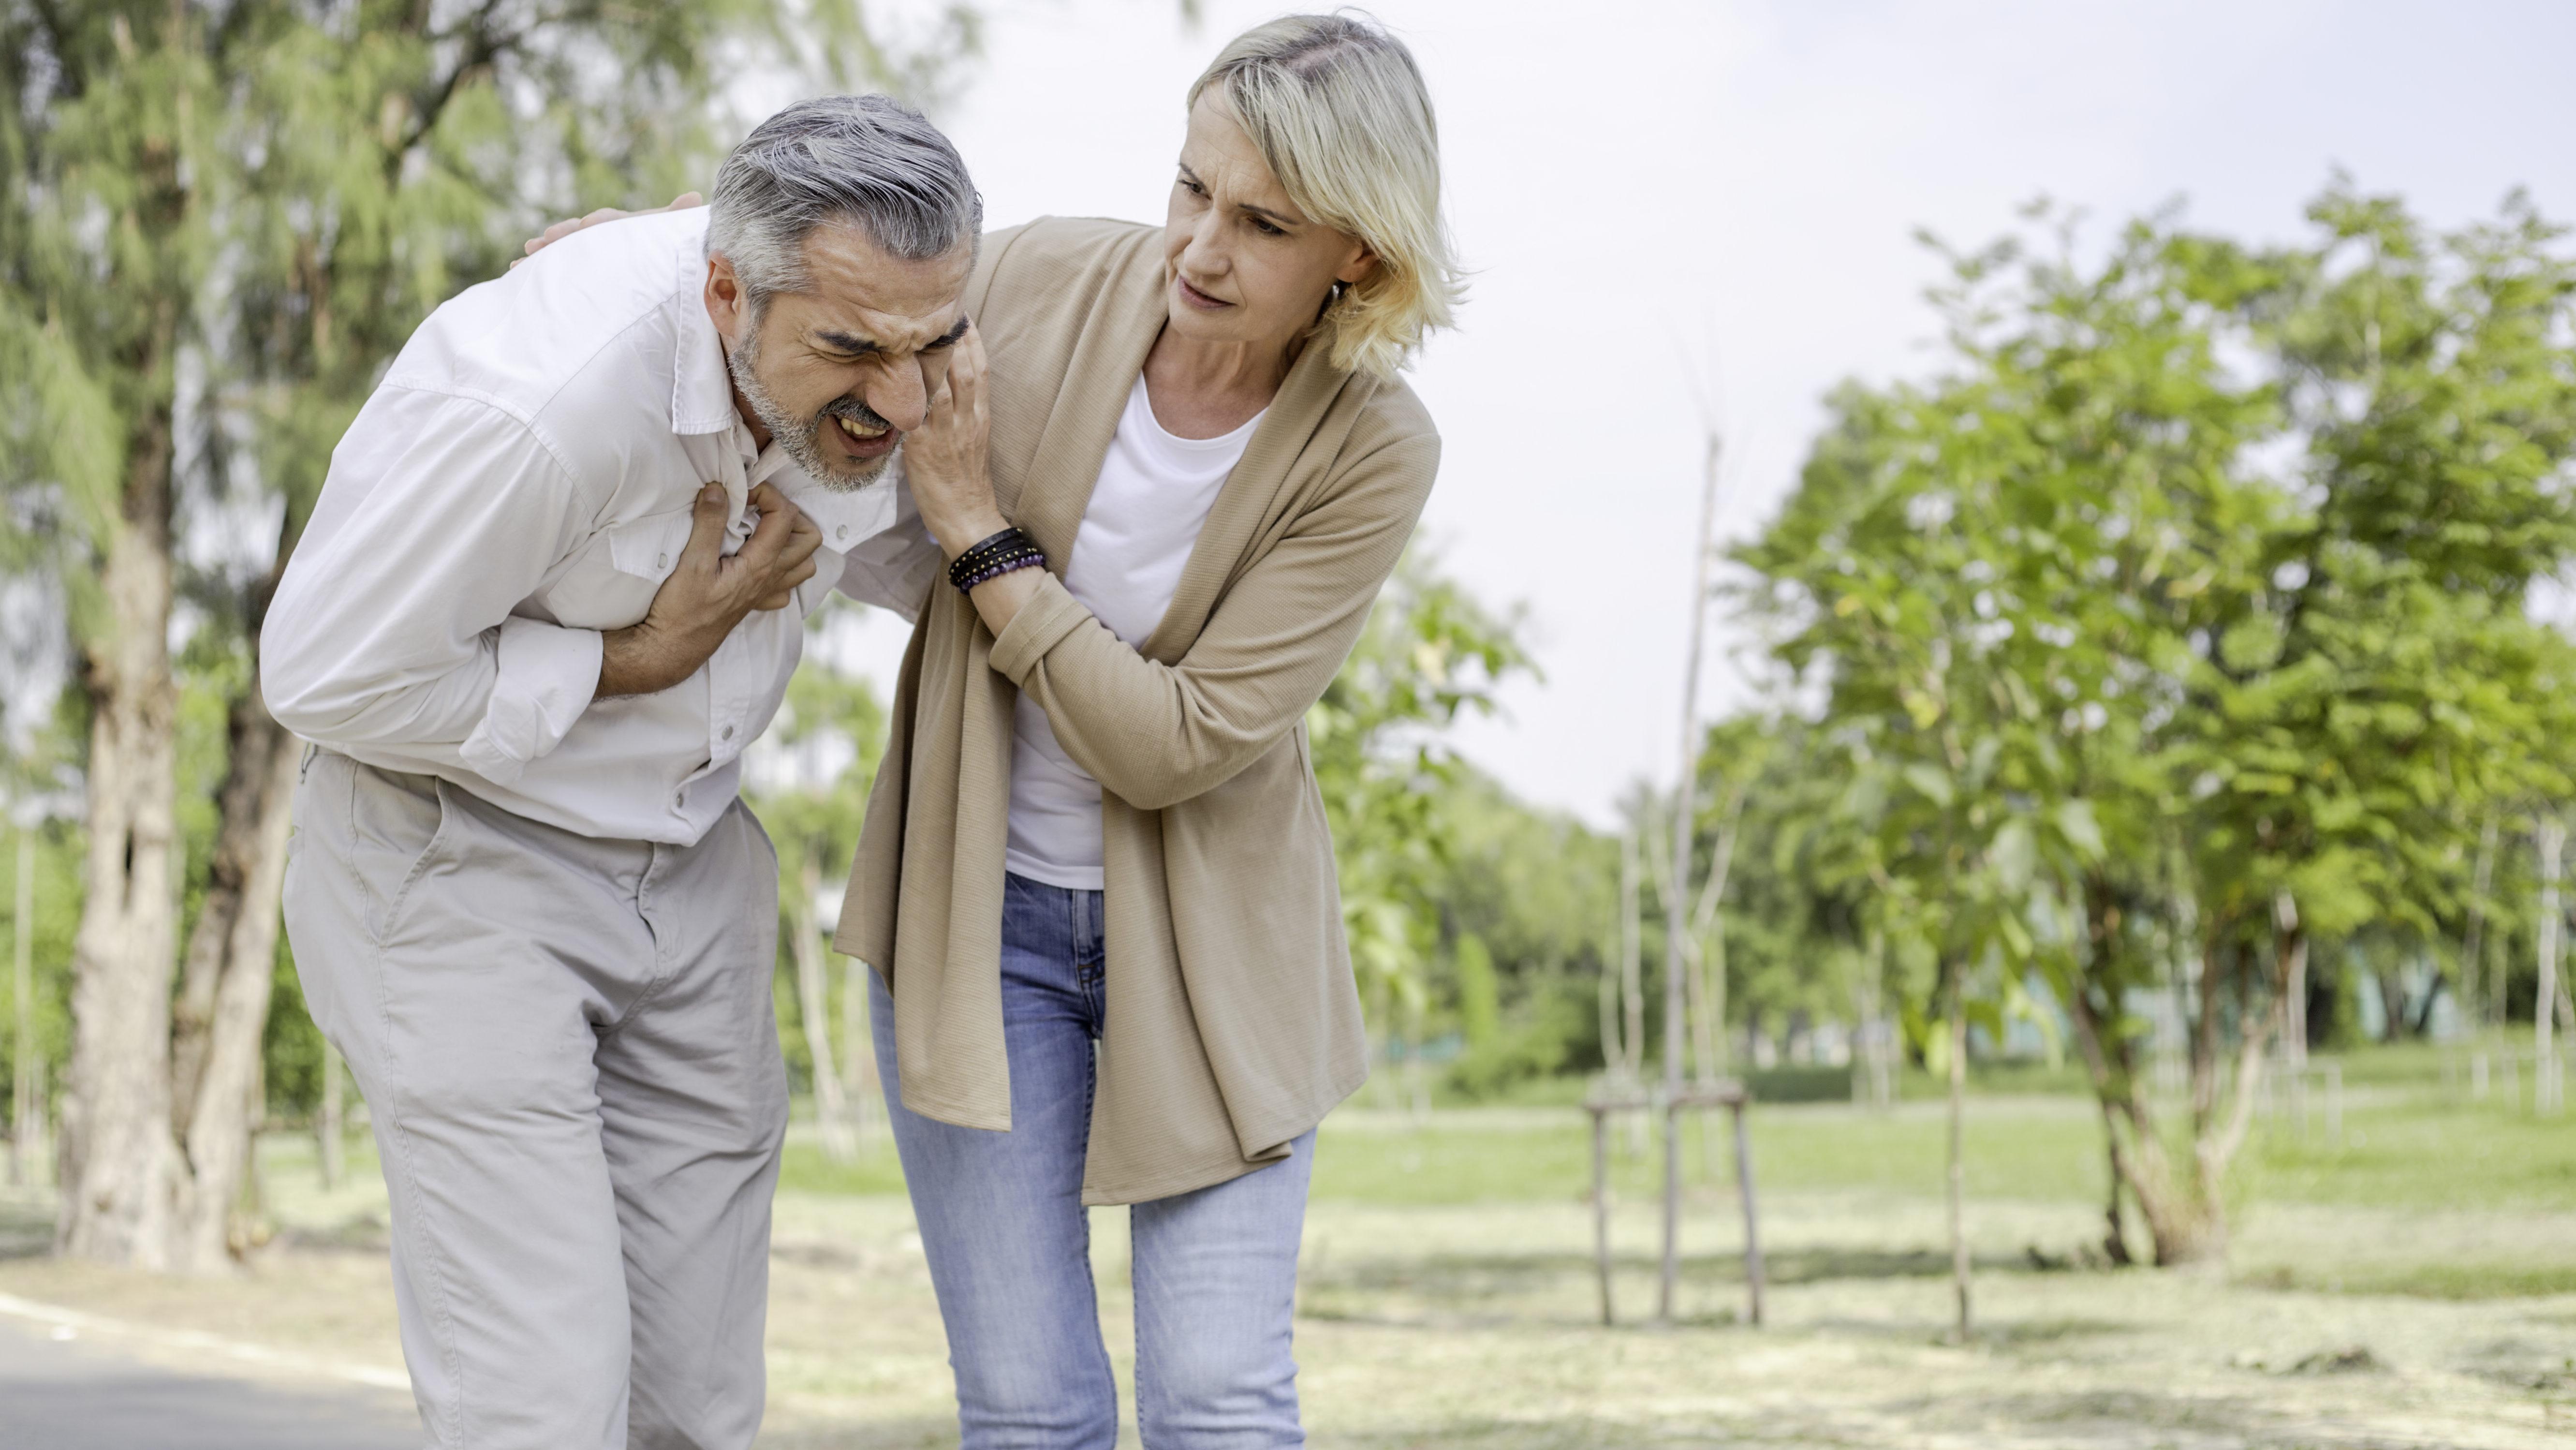 kezelés metotrexáttal pikkelysömörhöz krém pikkelysömör vélemények